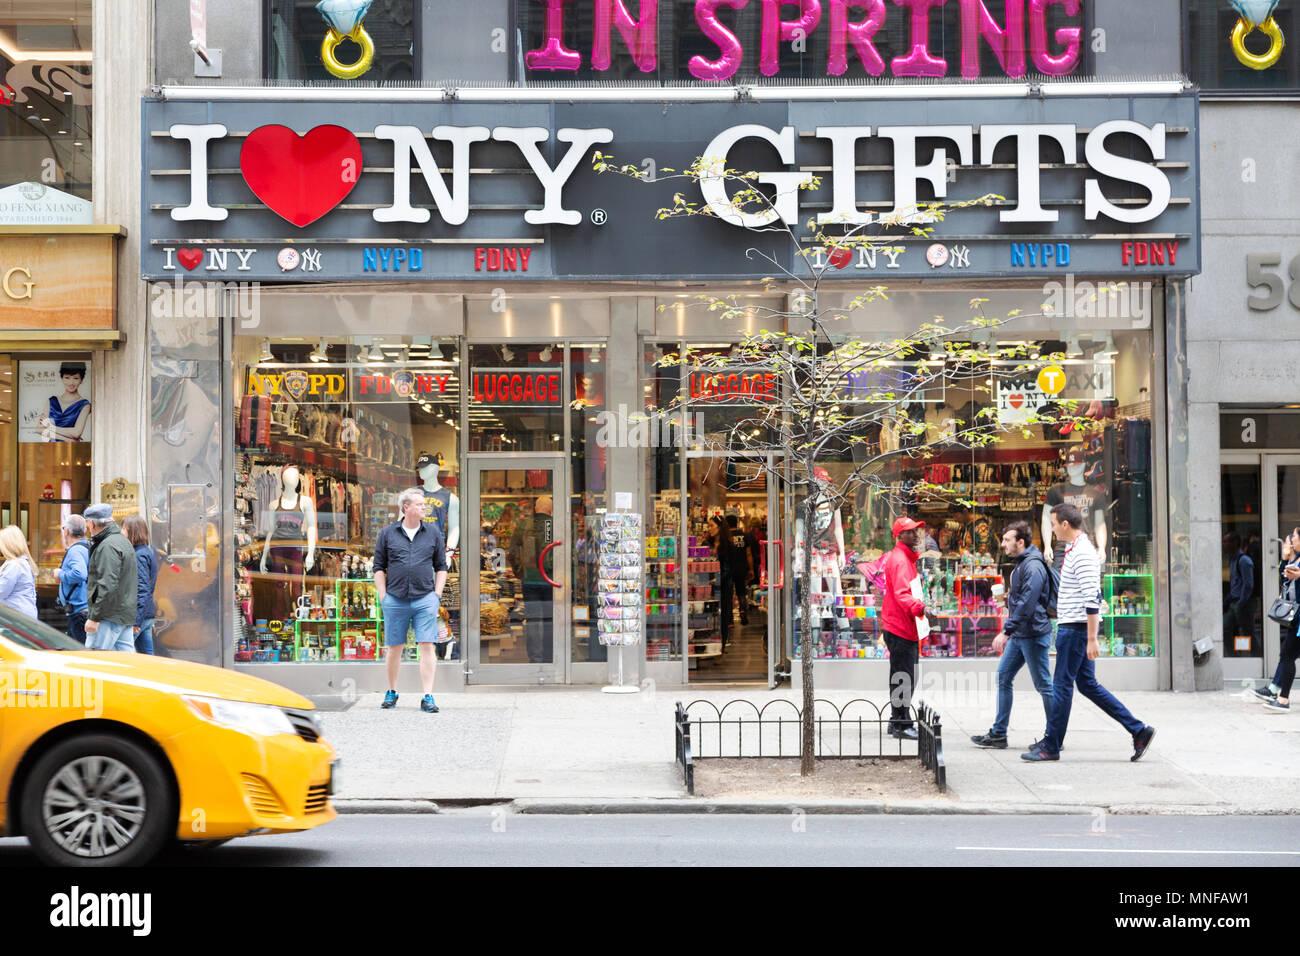 Ich liebe New York Geschenke Geschenke Shop, Fifth Avenue, New York City, USA Stockbild